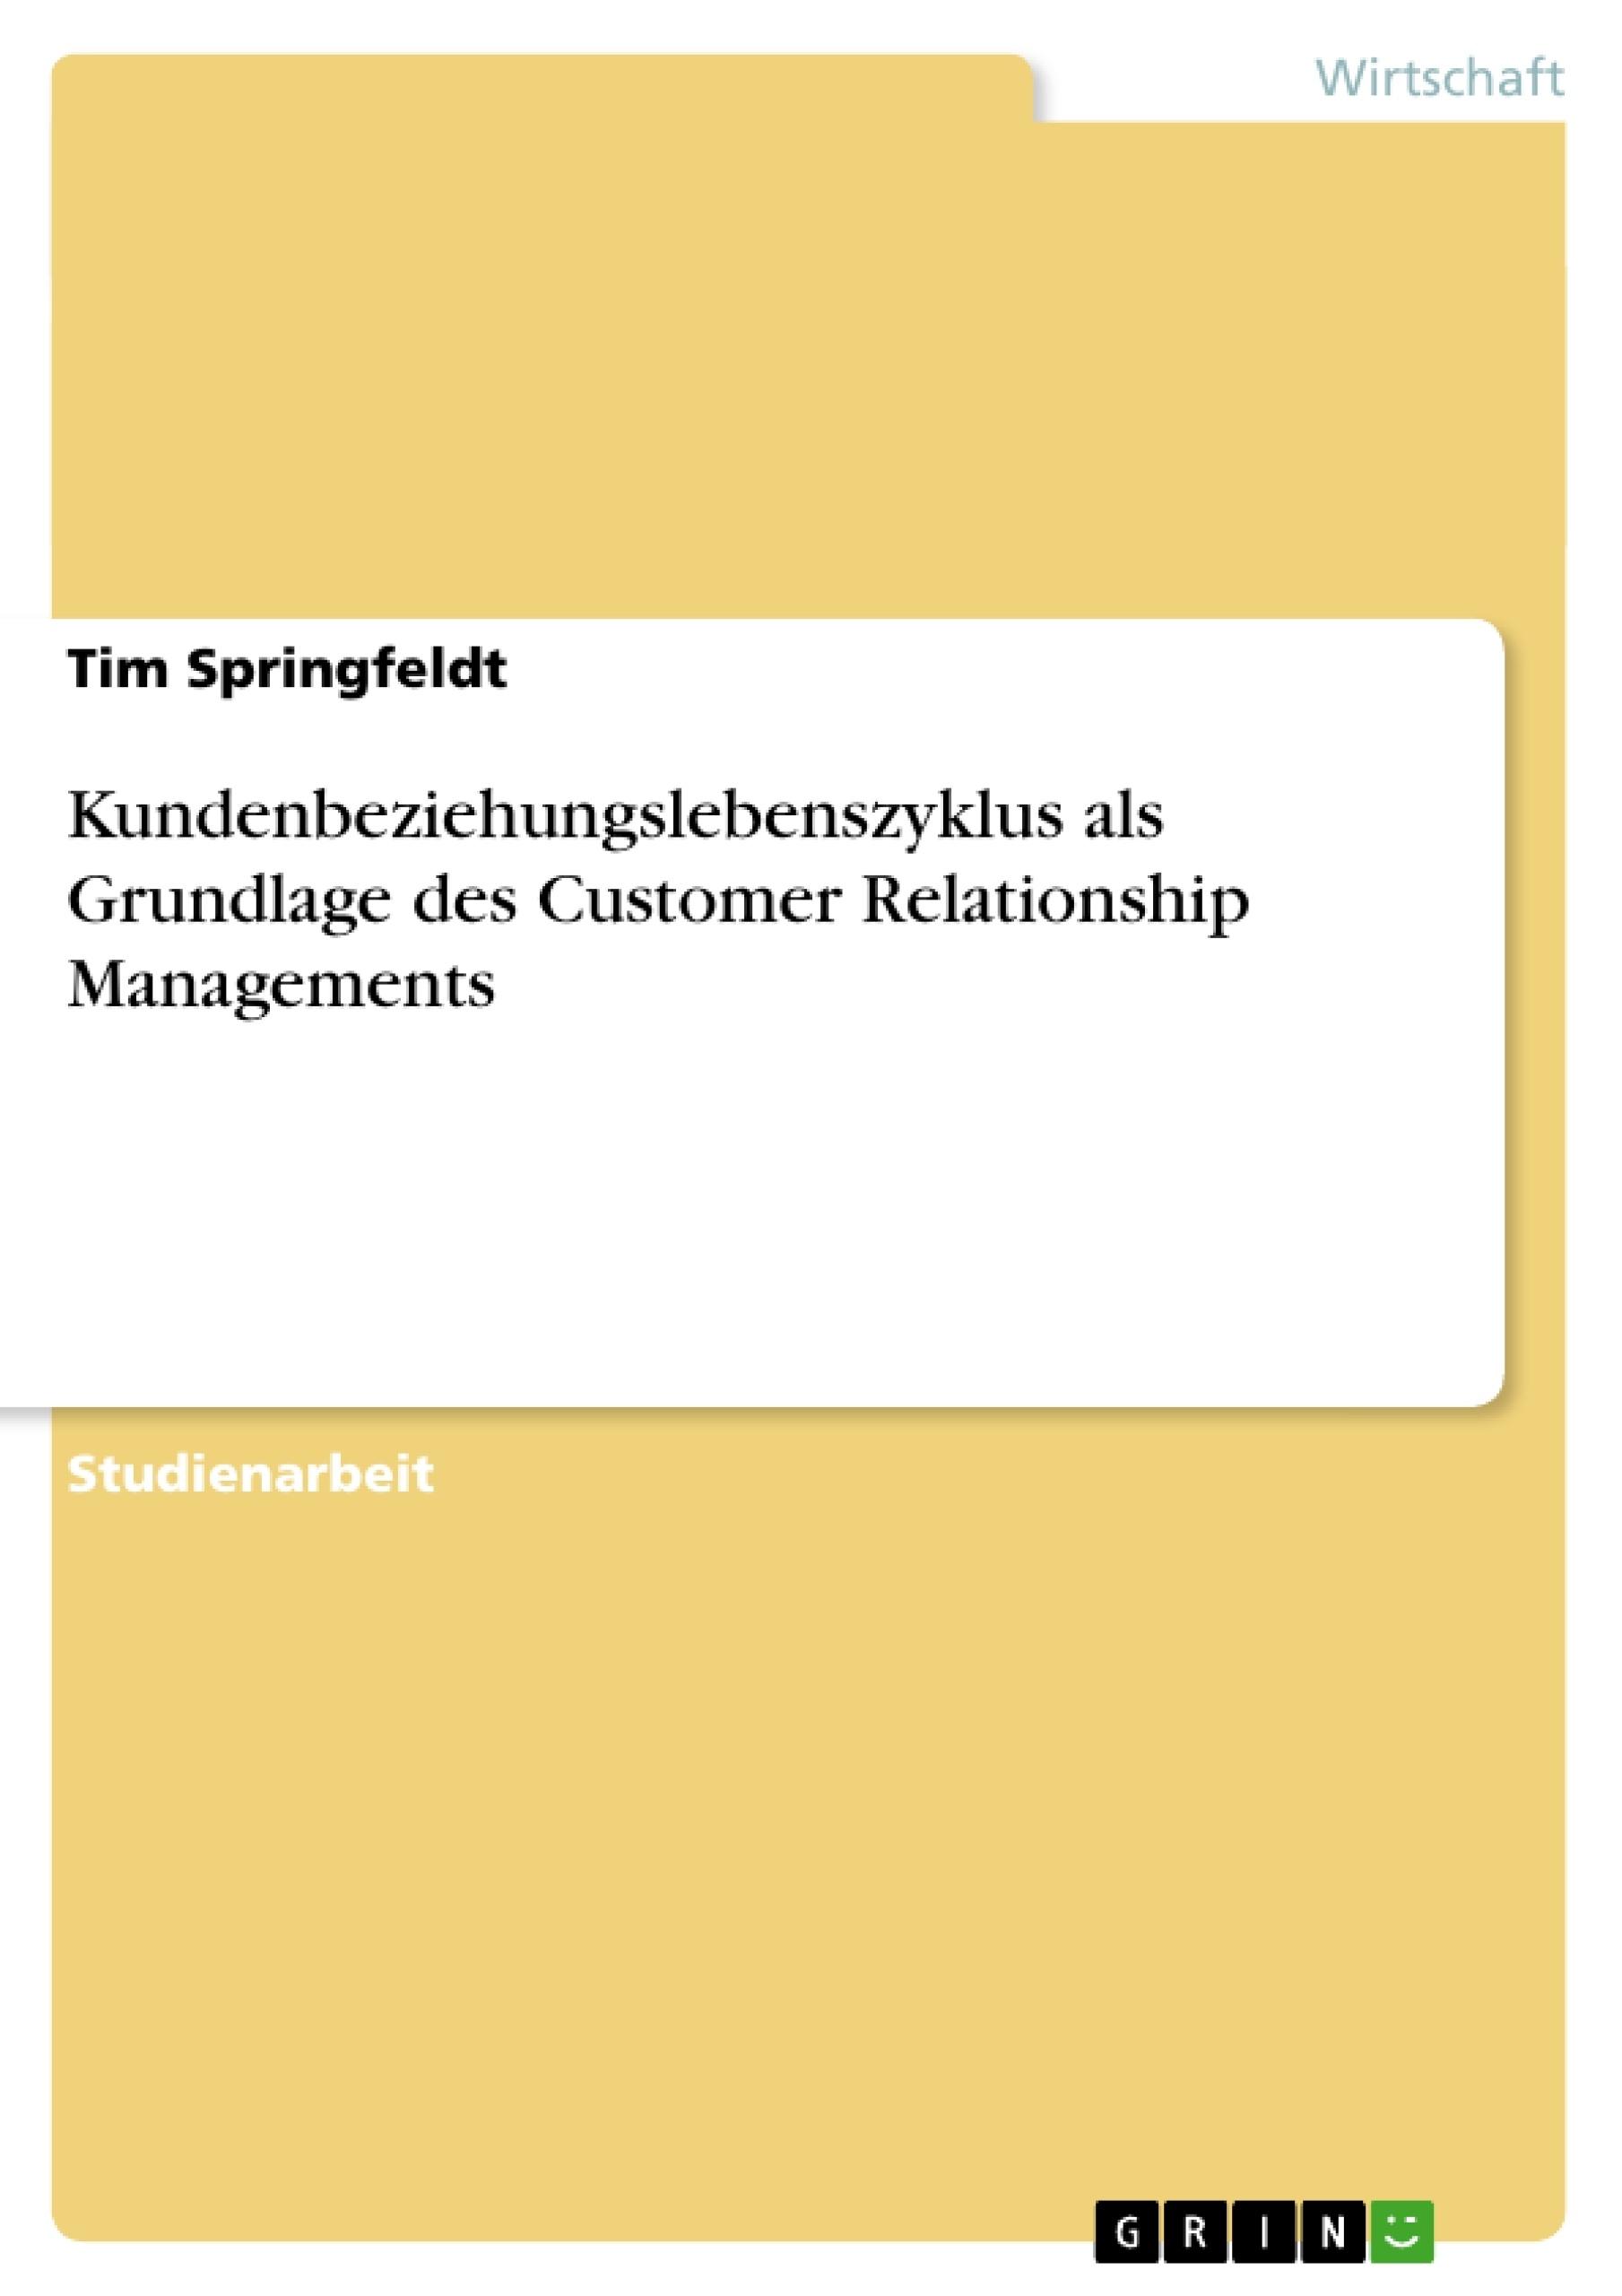 Titel: Kundenbeziehungslebenszyklus als Grundlage des Customer Relationship Managements